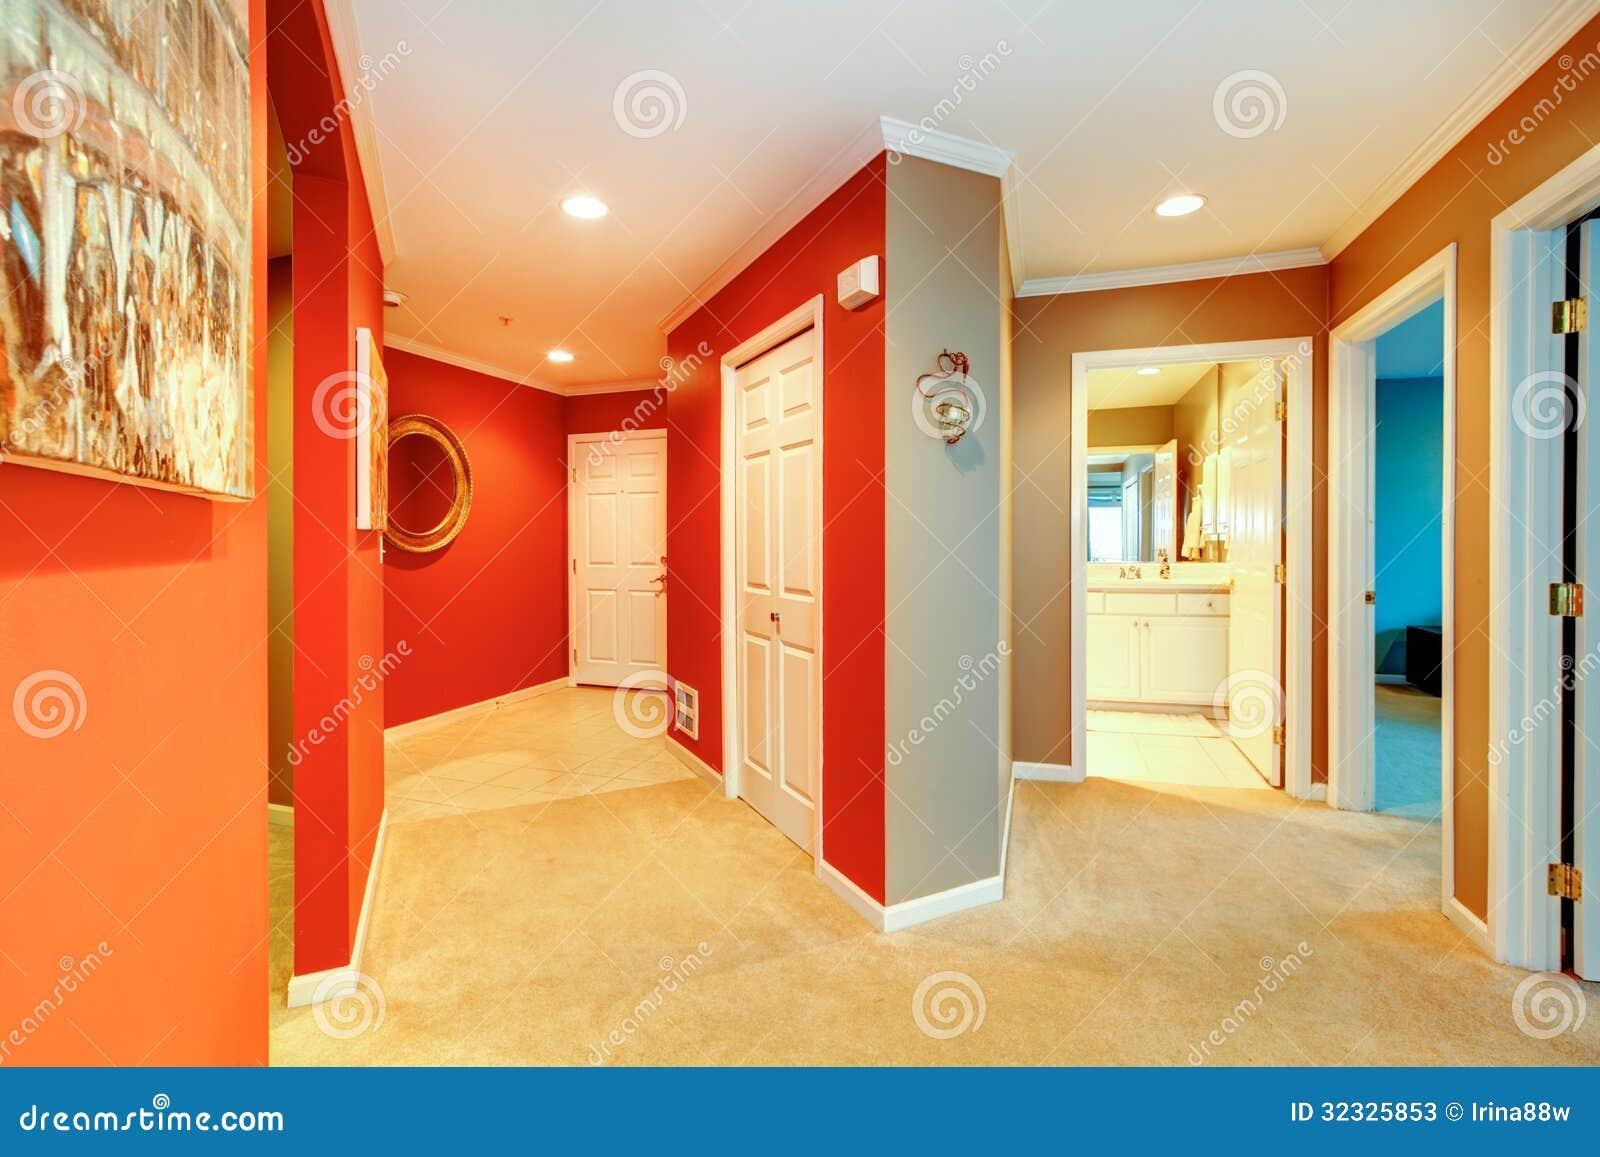 Aberta Do Banheiro E Tapete Bege. Fotos de Stock Imagem: 32325853 #972C08 1300x957 Banheiro Bege Fotos